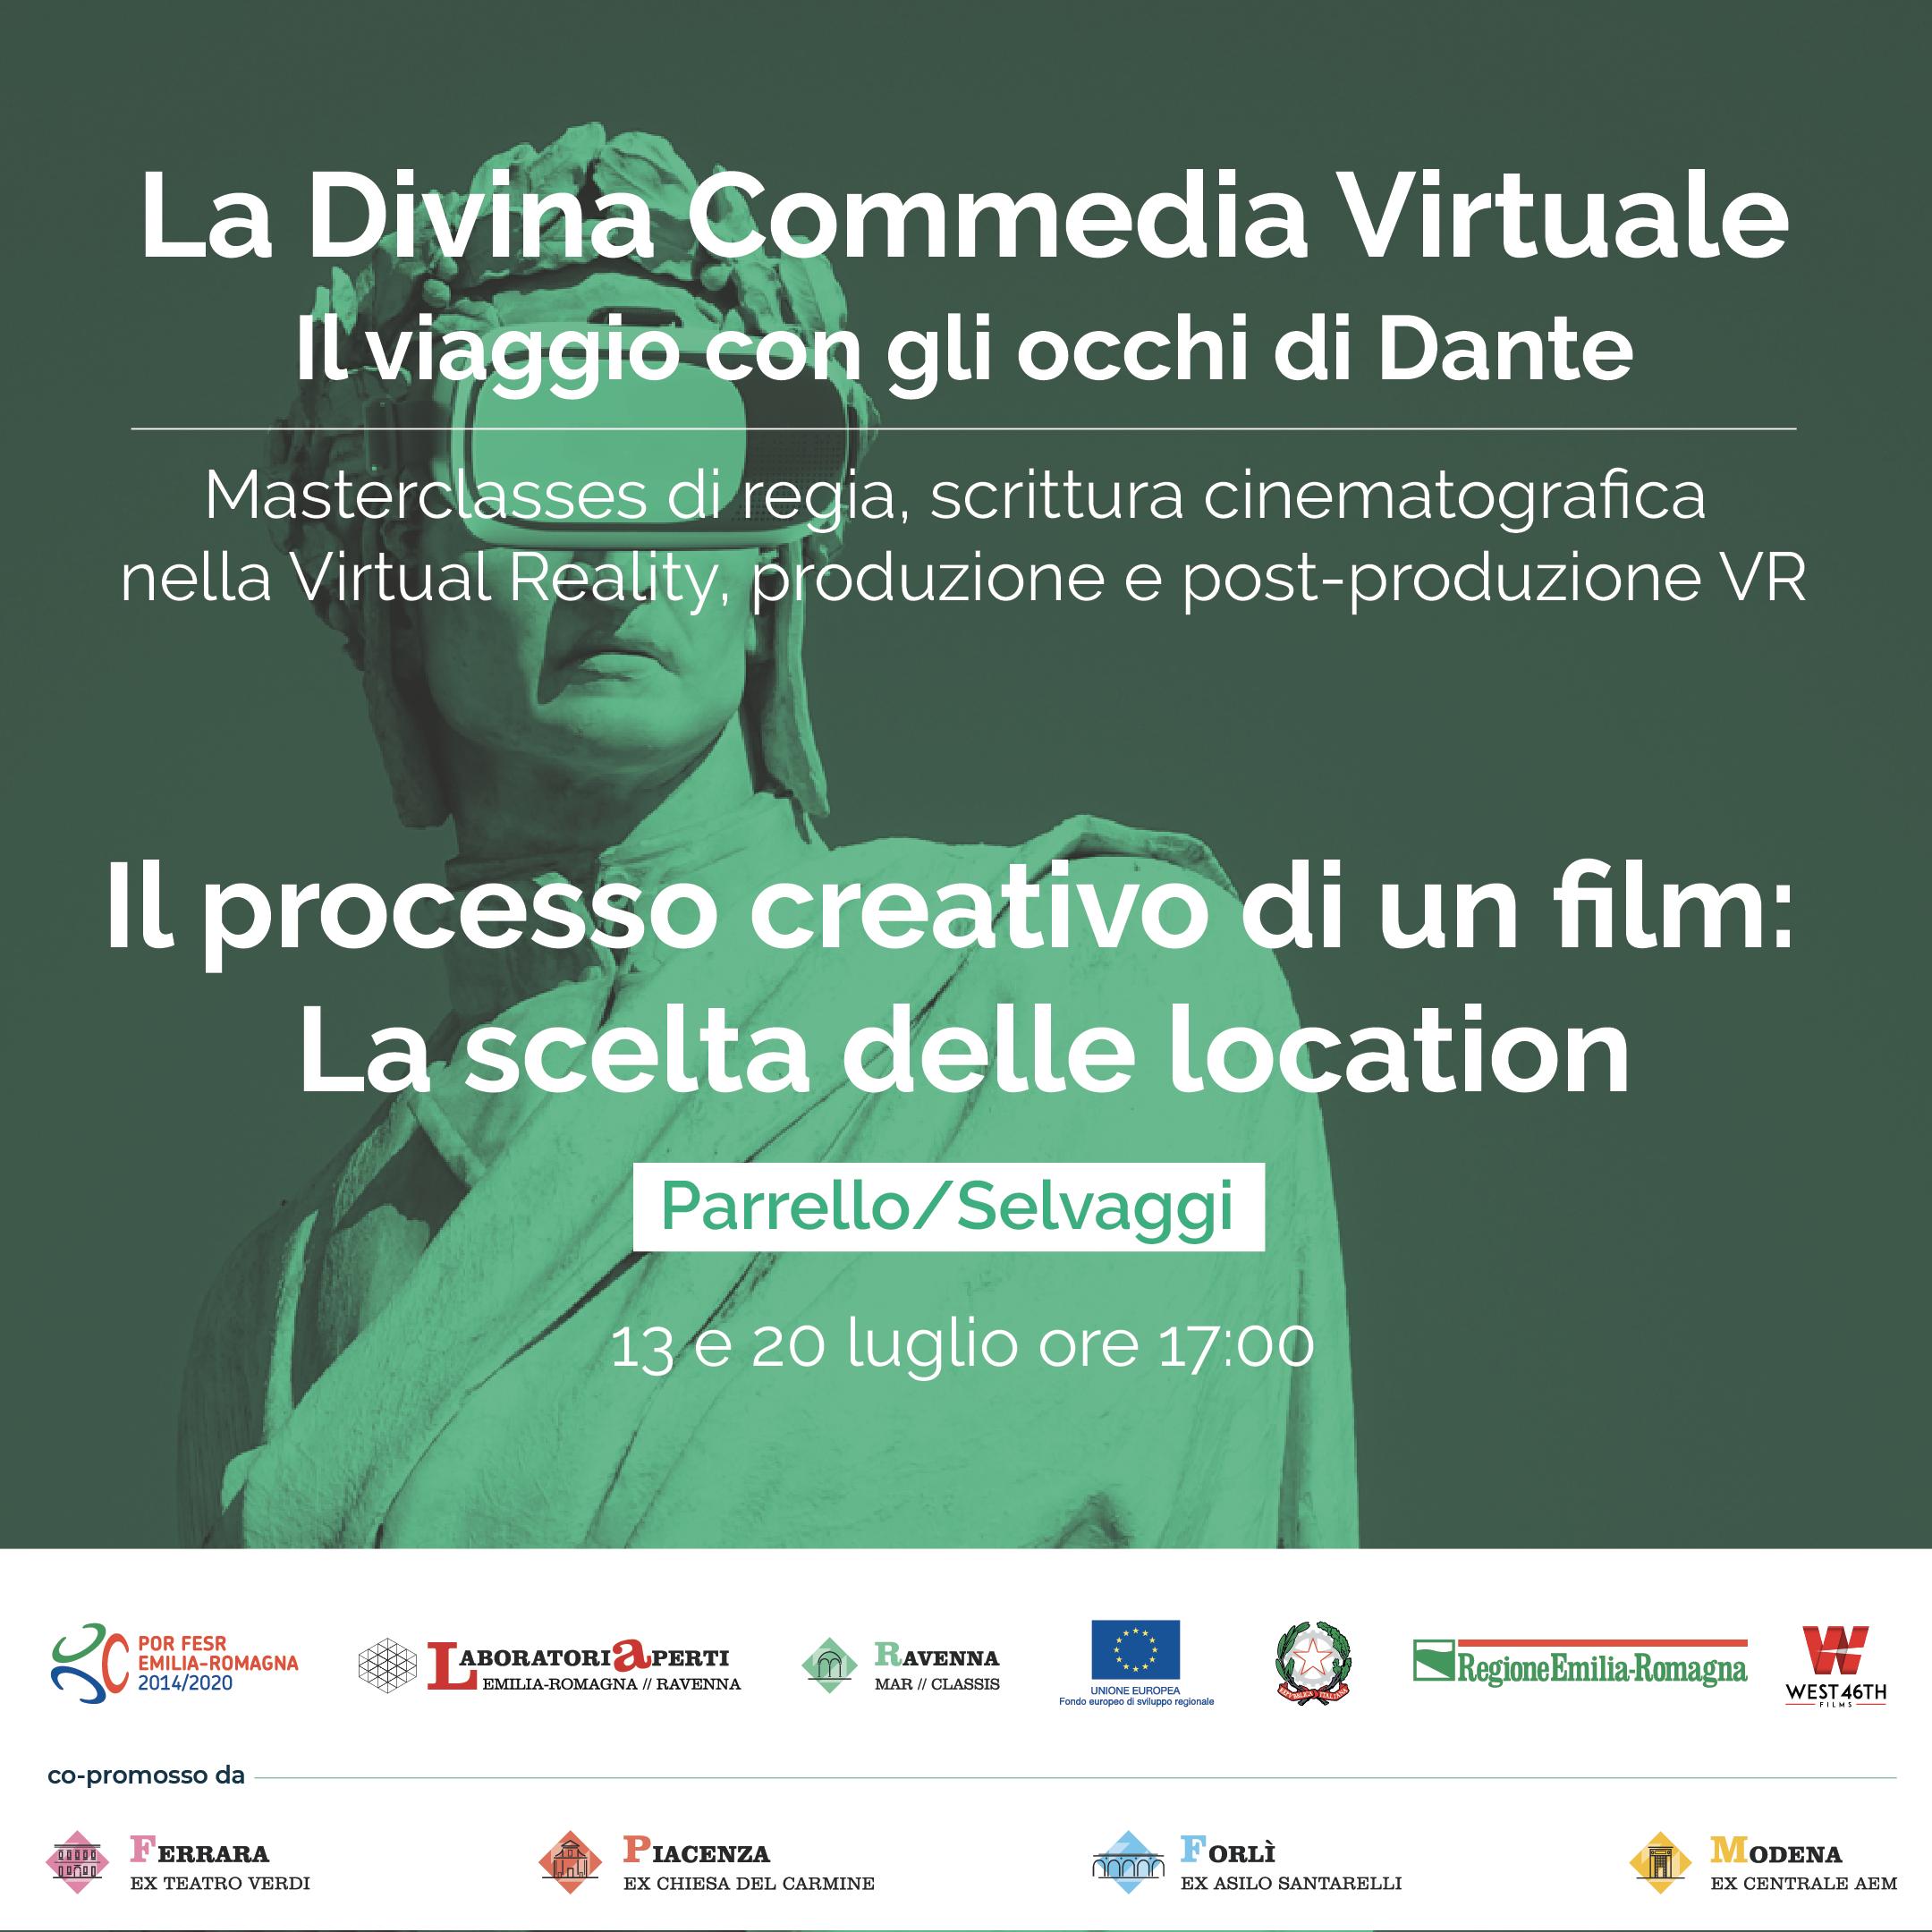 LA DIVINA COMMEDIA VIRTUALE-IL PROCESSO CREATIVO DI UN FILM: LA SCELTA DELLE LOCATION